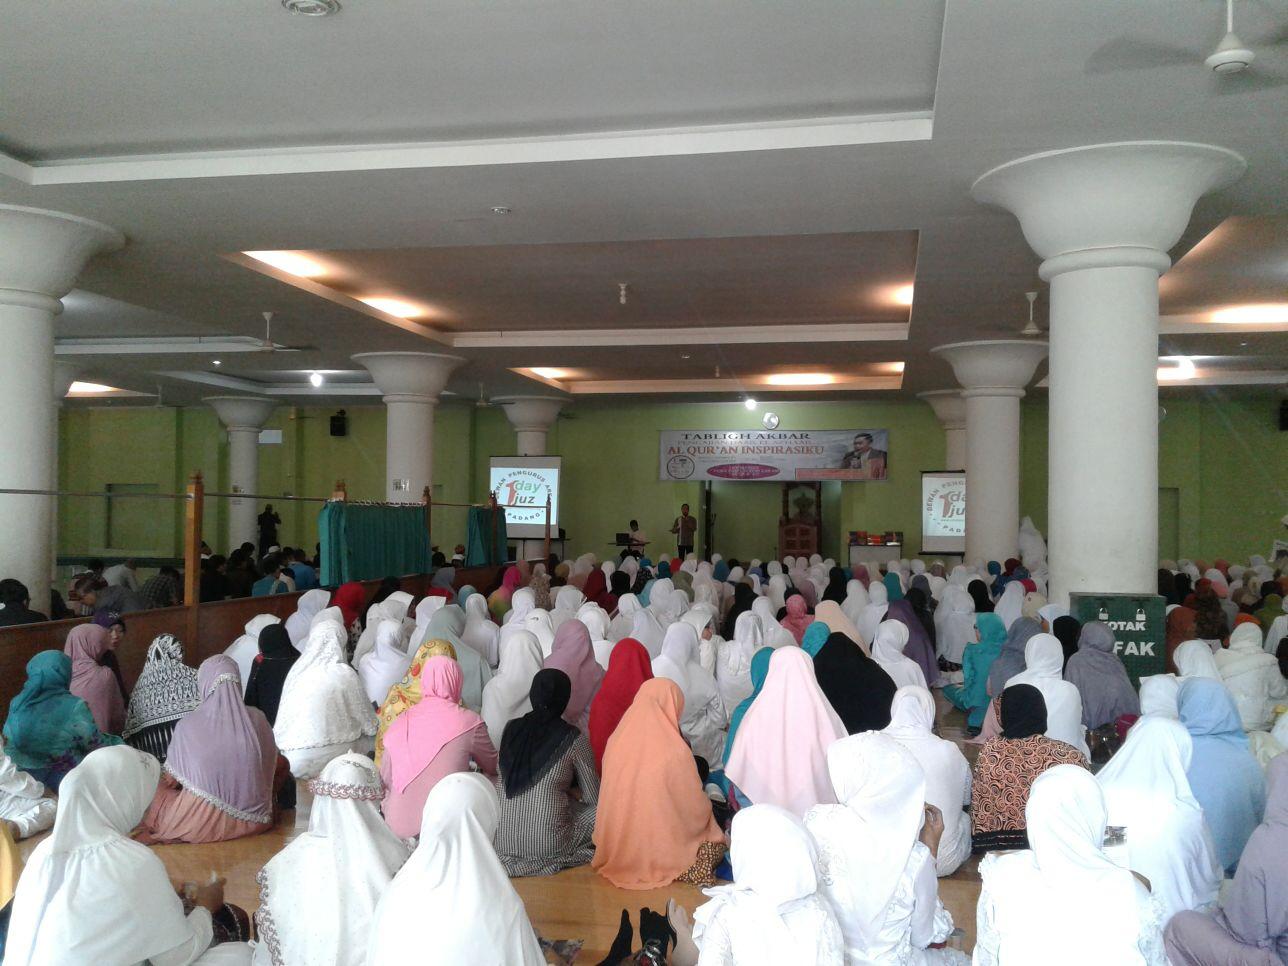 uasana pelaksanaan Tabligh Akbar Daar El Azhaar, dalam tema 'Alquran, Inspirasiku' dengan Narasumber, Ustadz Dr. H. Ahmad Hatta, MA di Masjid Nurul Iman Padang, pada Minggu (6/12).